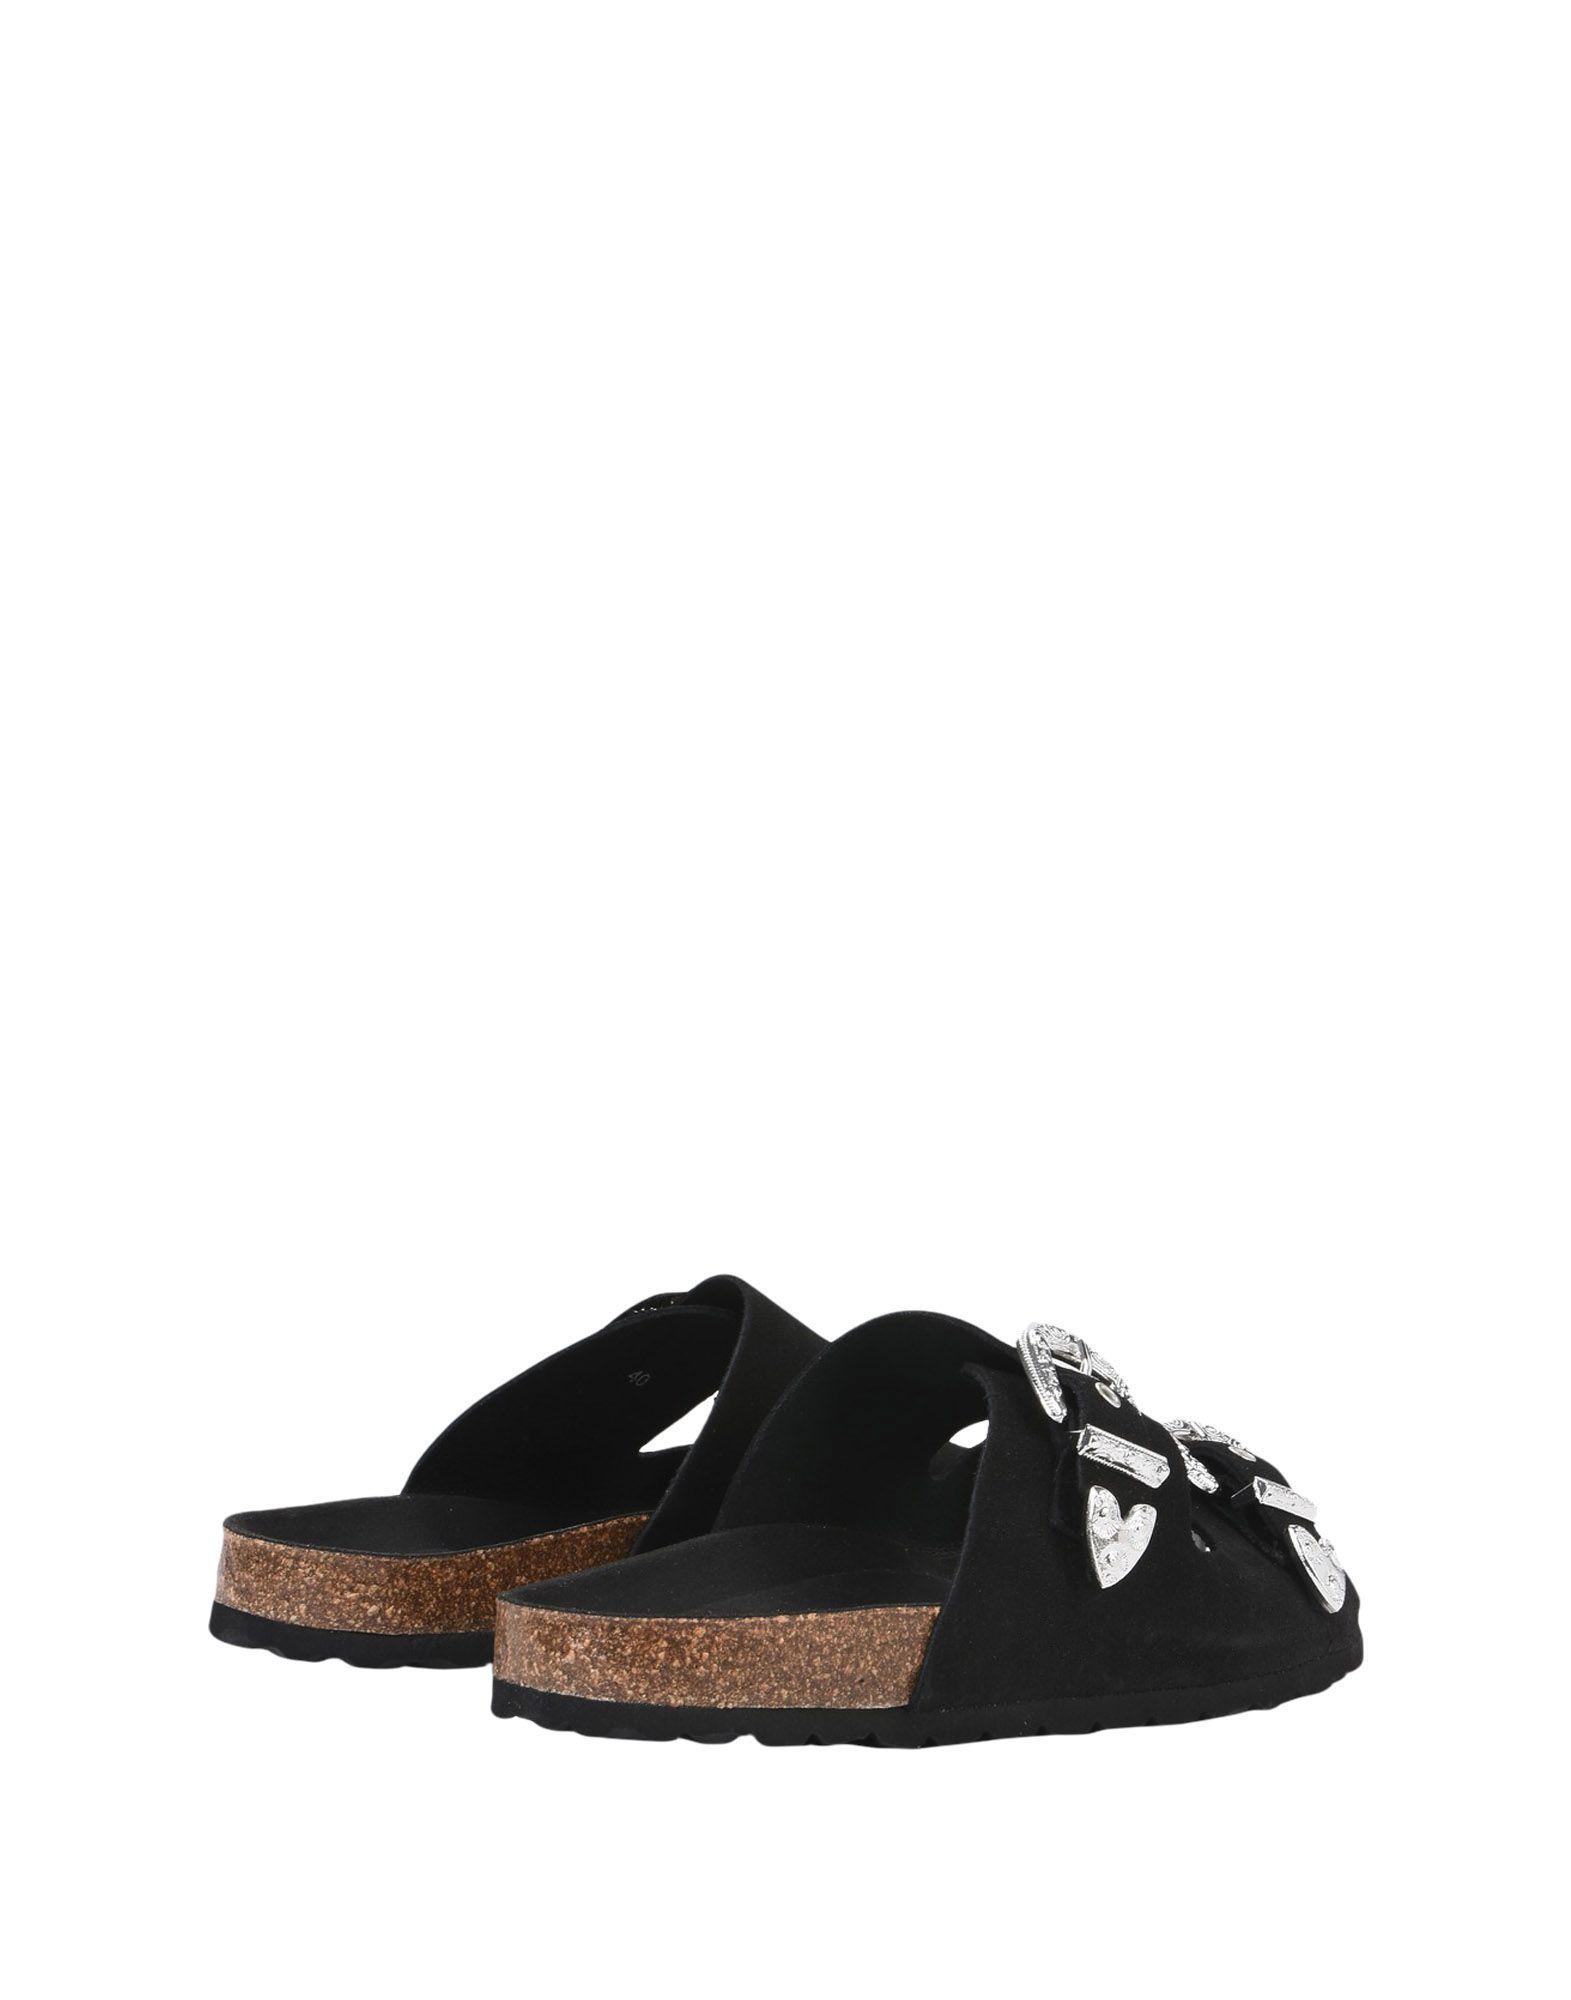 Sandales Maison Shoeshibar Akina - Femme - Sandales Maison Shoeshibar sur